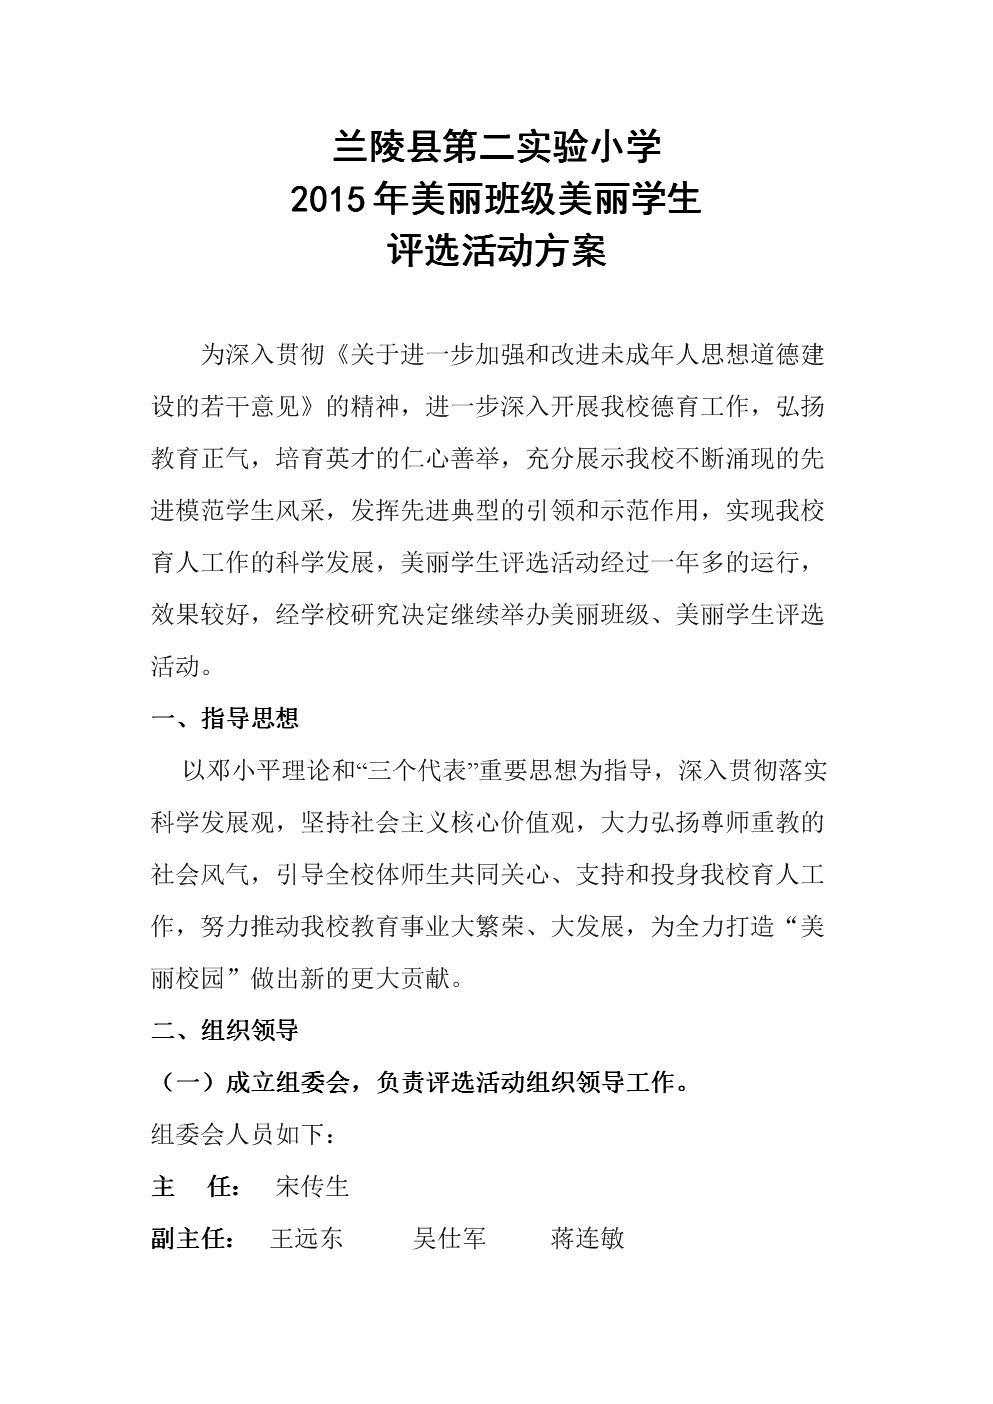 2015美丽学生美丽一生评选方案设计.doc一字班级:中国字体设计人图片